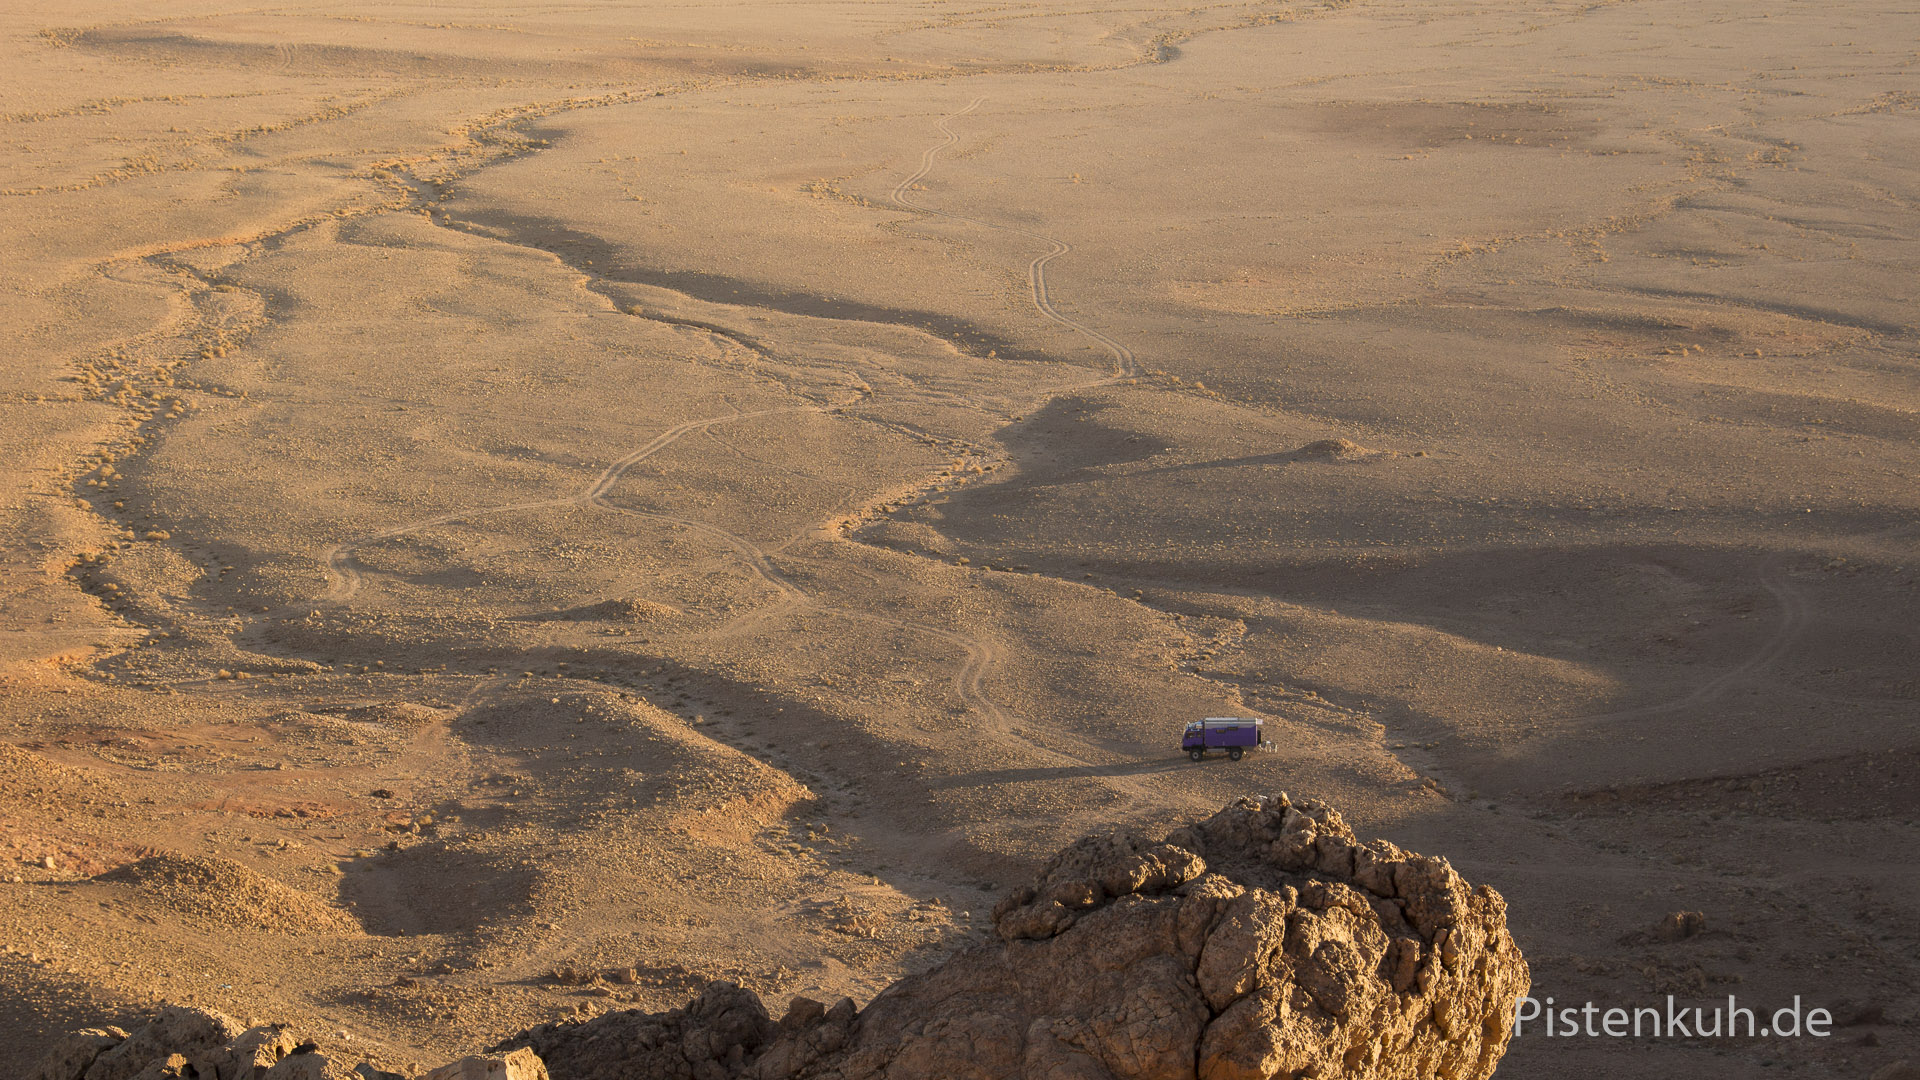 Ruhe in der Wüste